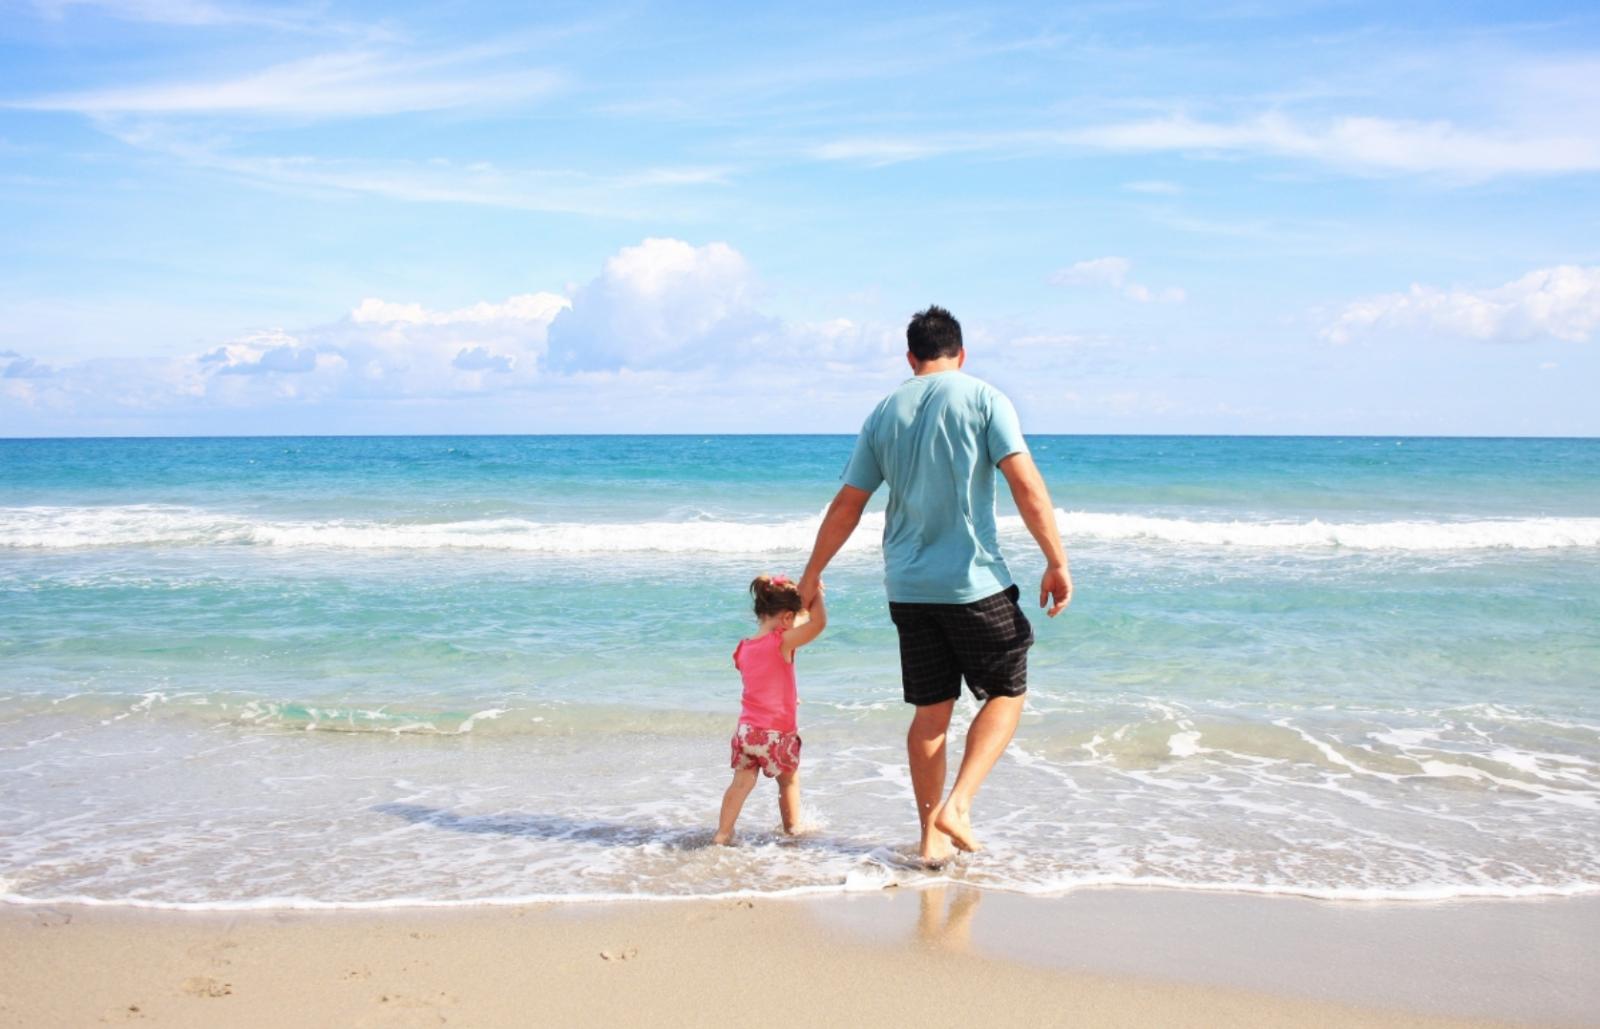 Những lưu ý để có chuyến du lịch biển an toàn cho cả gia đình